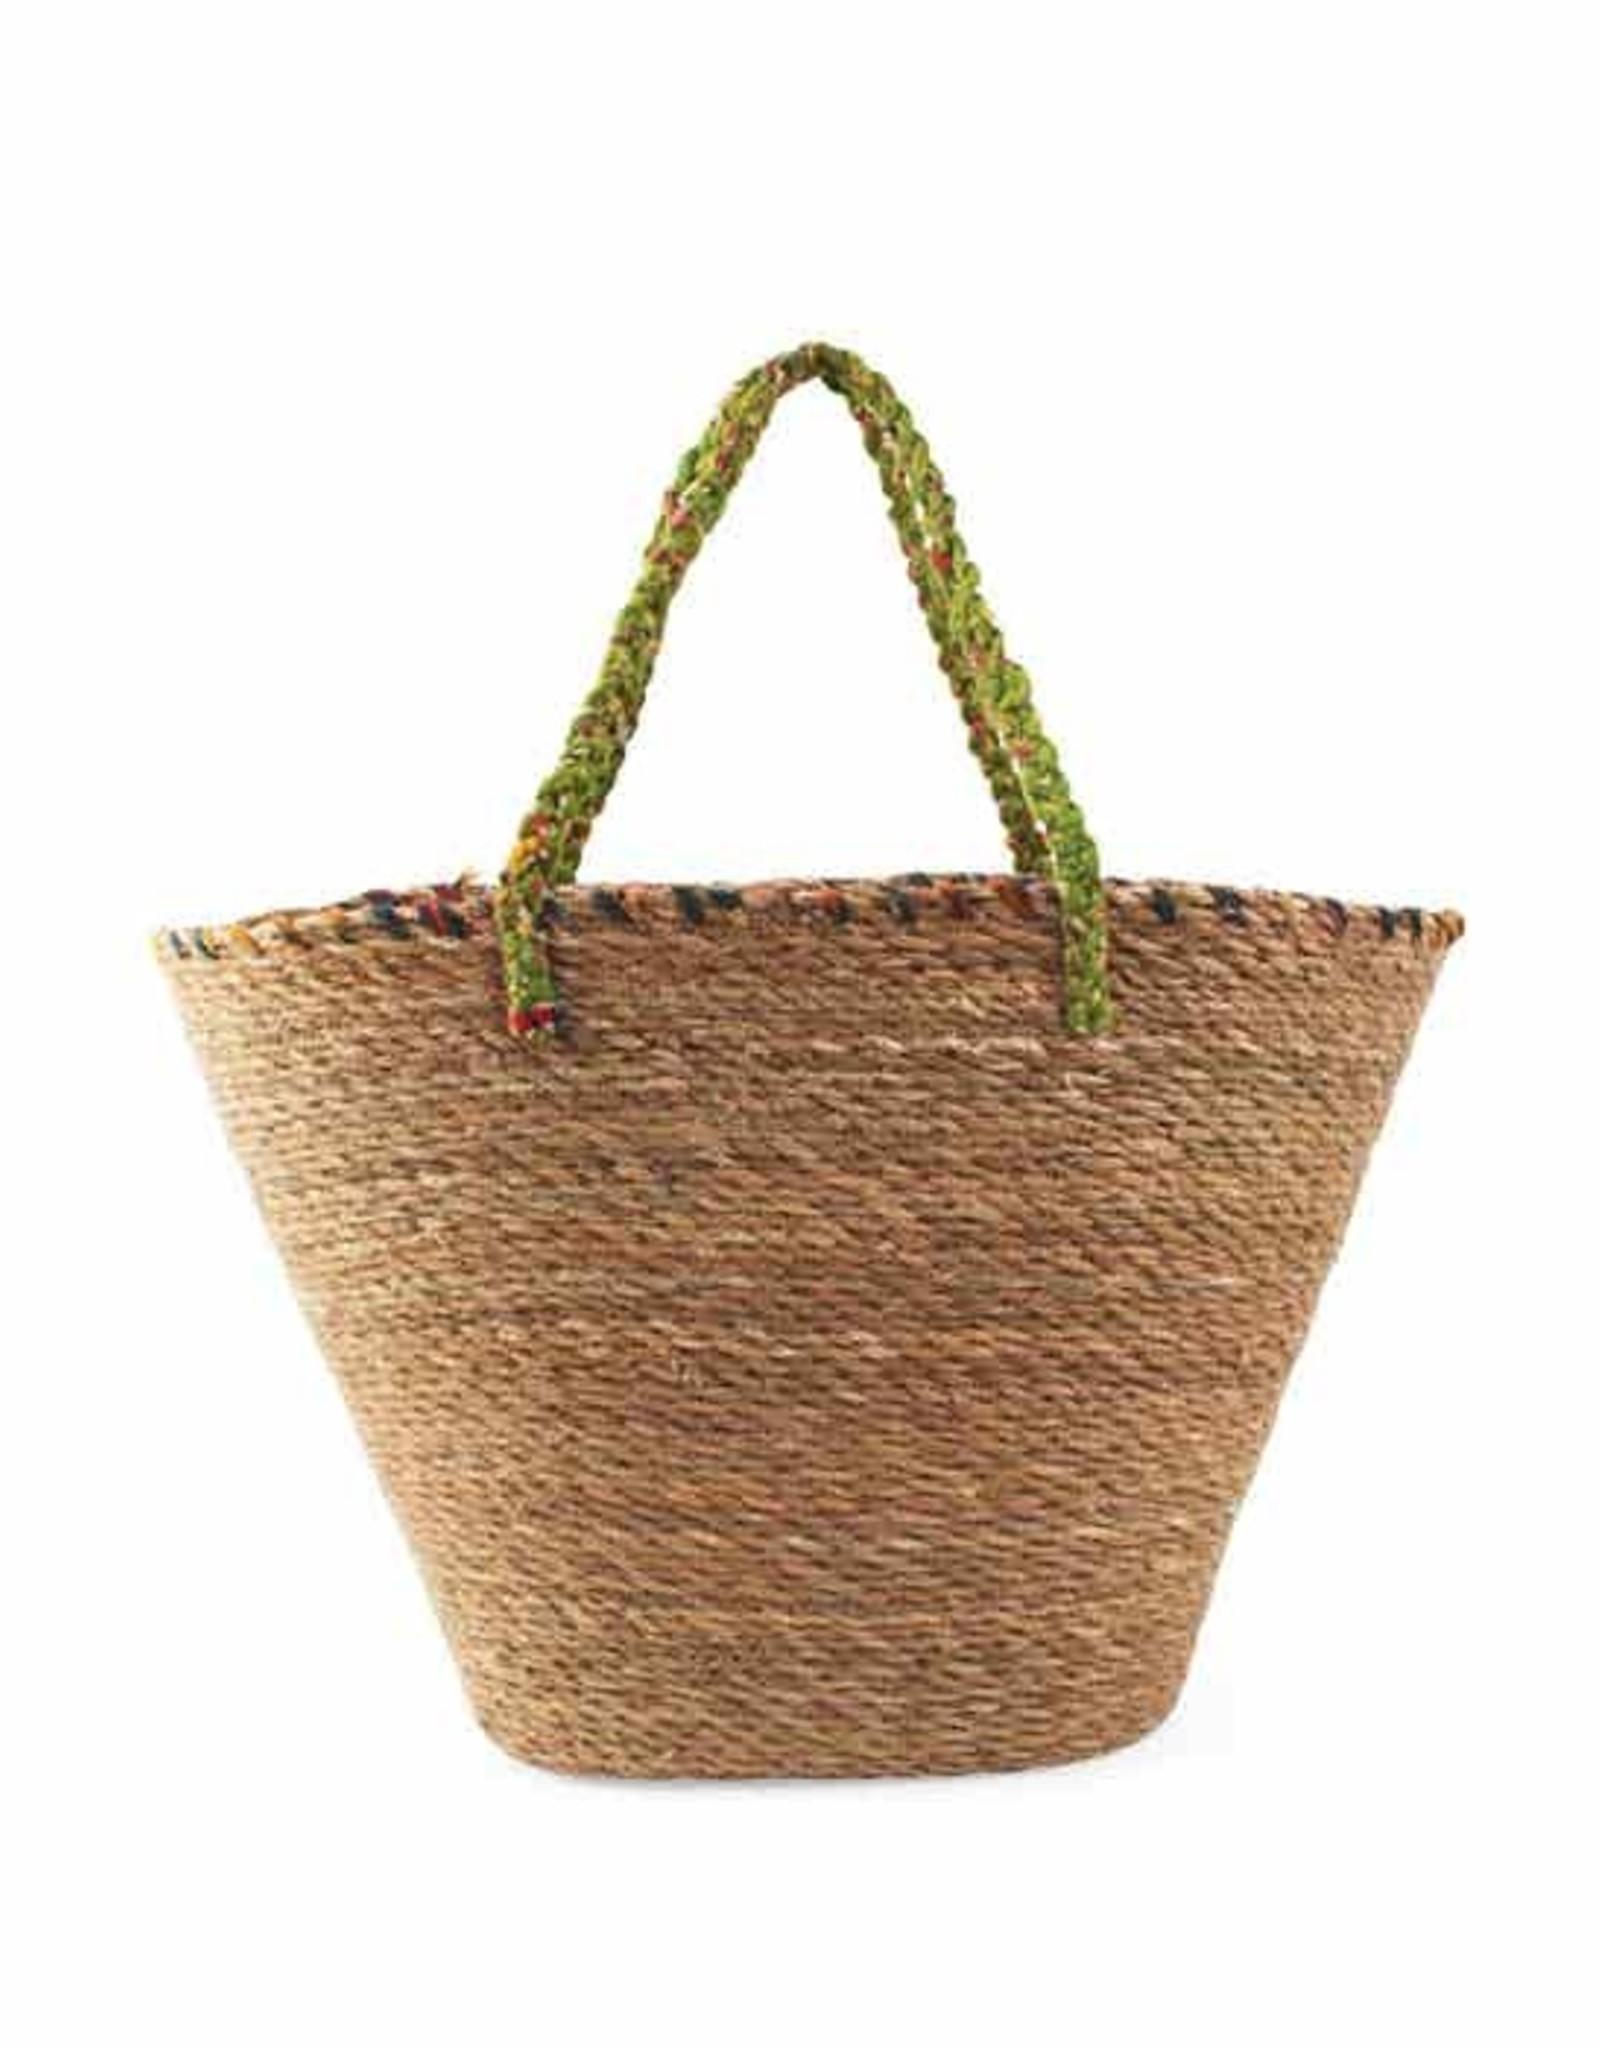 Recycled Sari & Grass Beach Bag